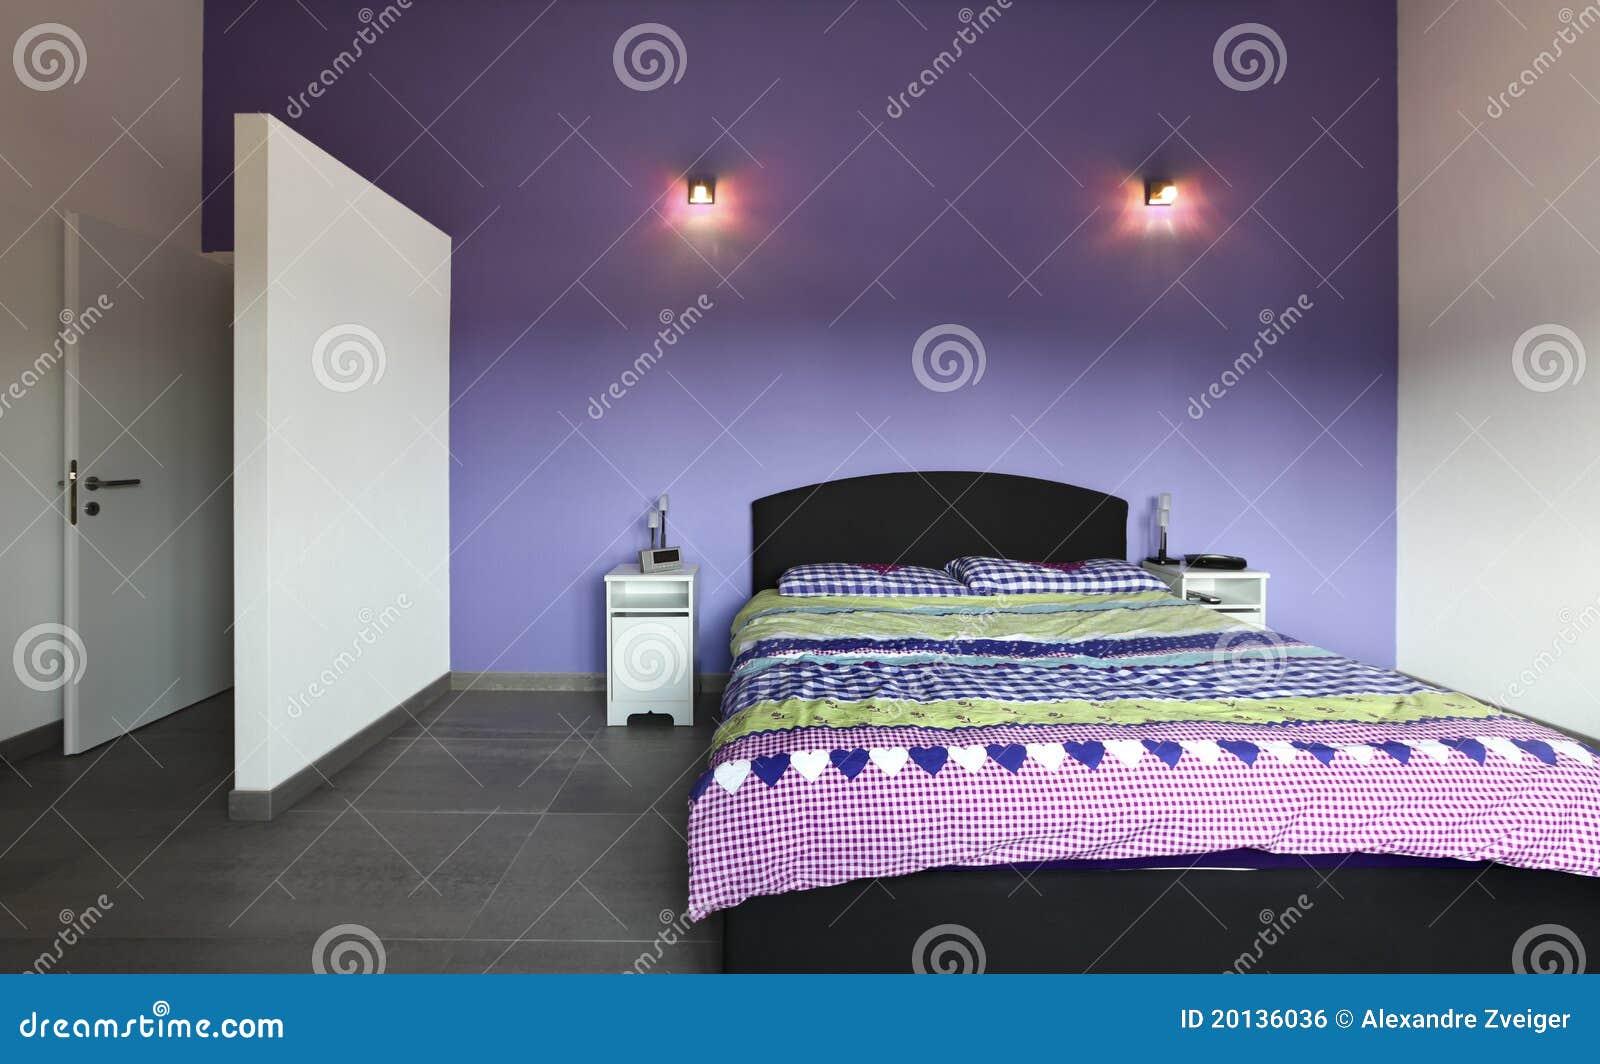 Interiore camera da letto con la parete viola fotografia - Parete viola camera da letto ...